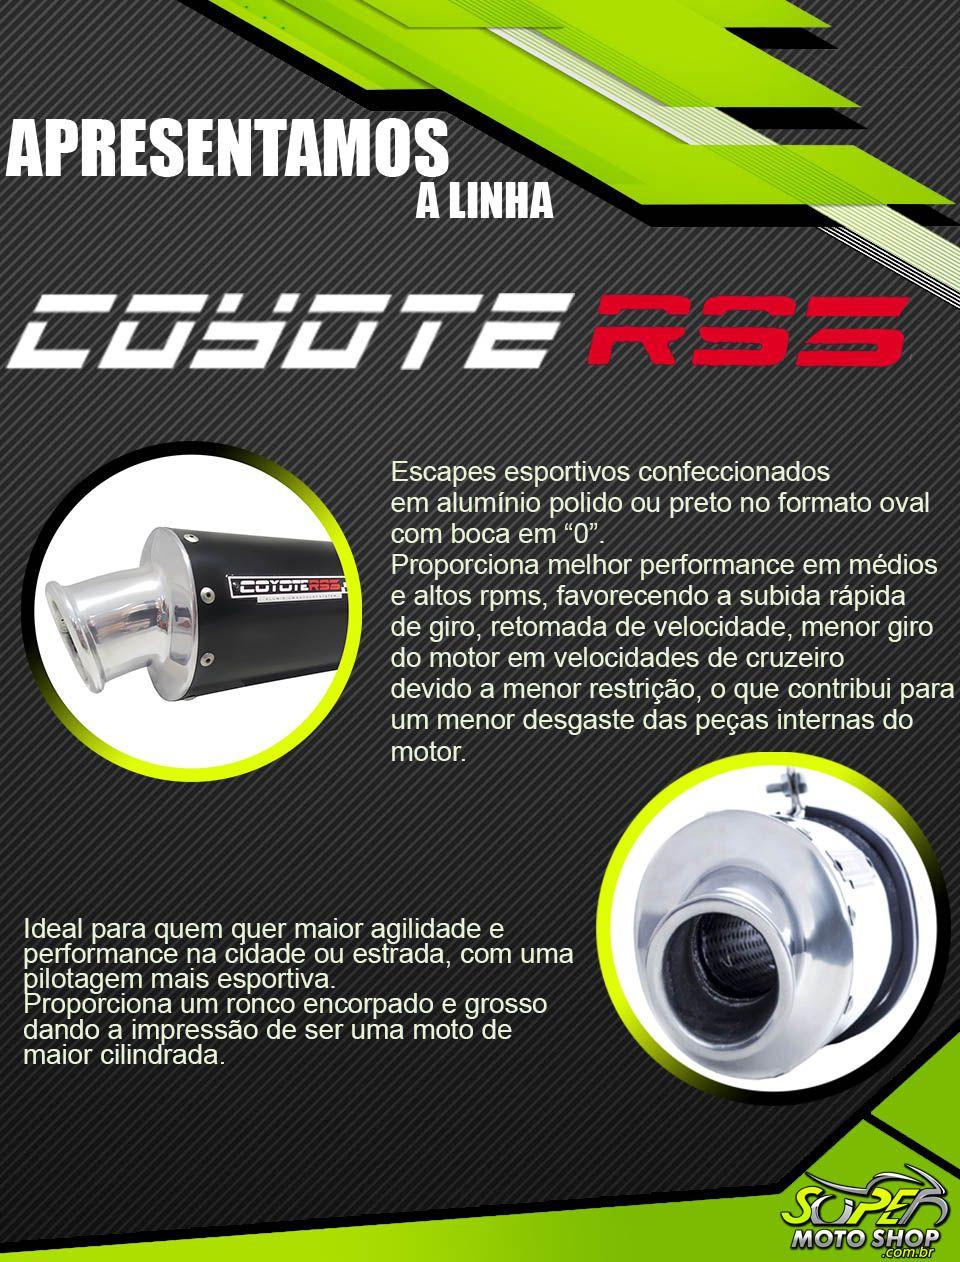 Escape / Ponteira Coyote RS3 Alumínio Oval - CG 150 Titan / Fan ESDi / EX ano 2009 até 2013 - Honda